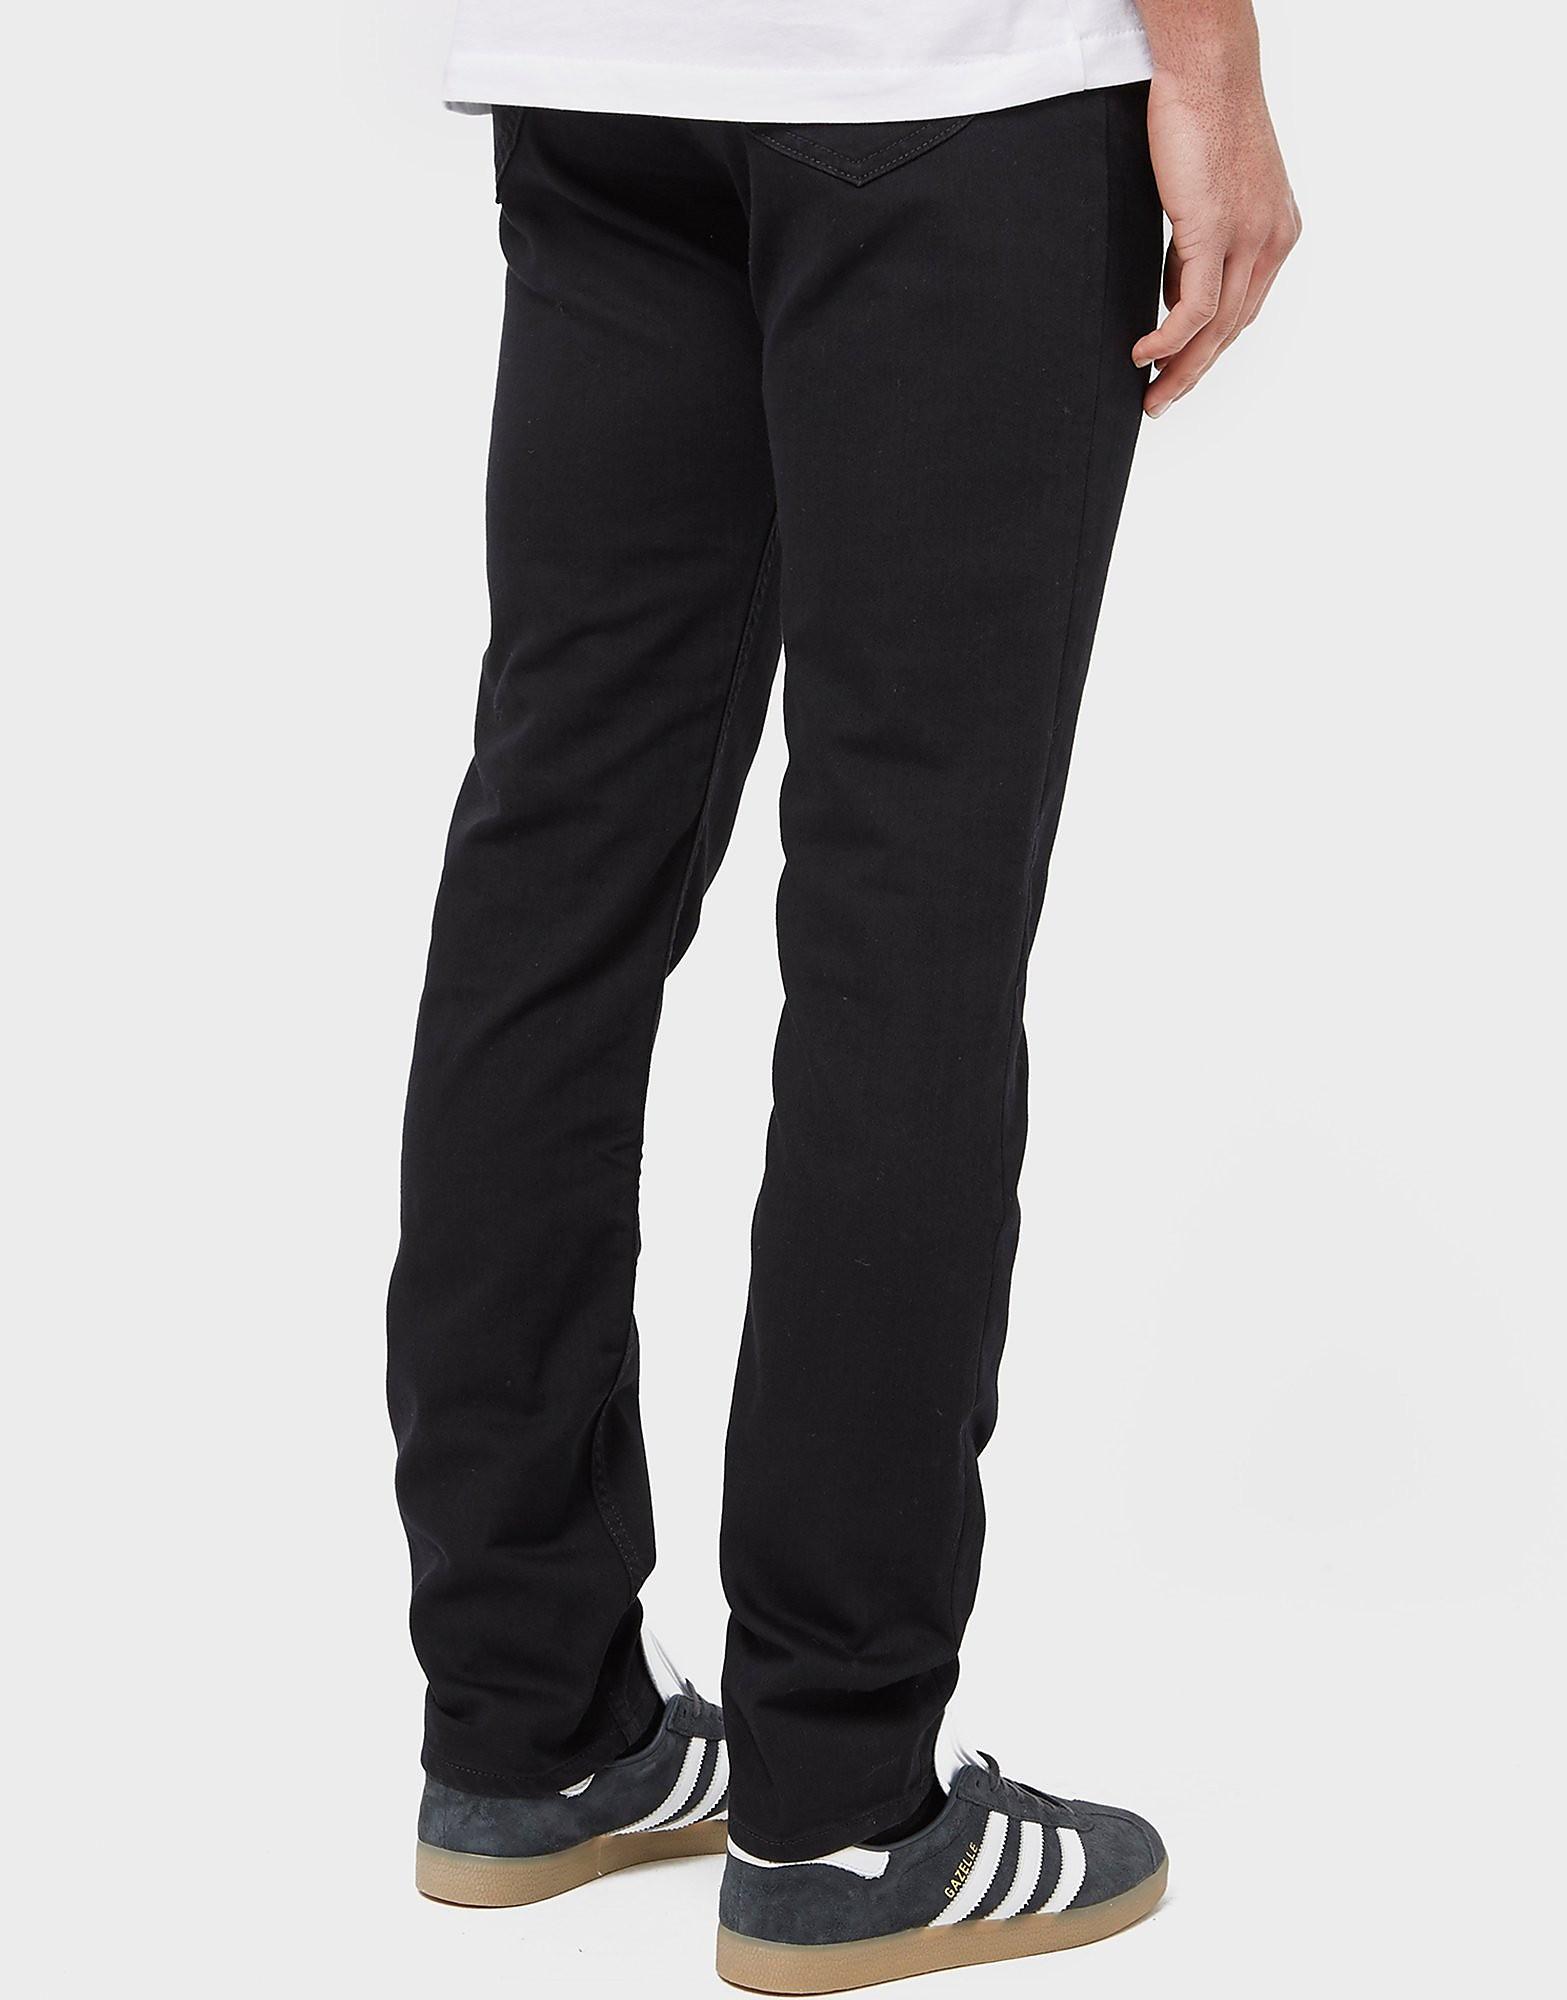 Lee Rider Slim Jeans